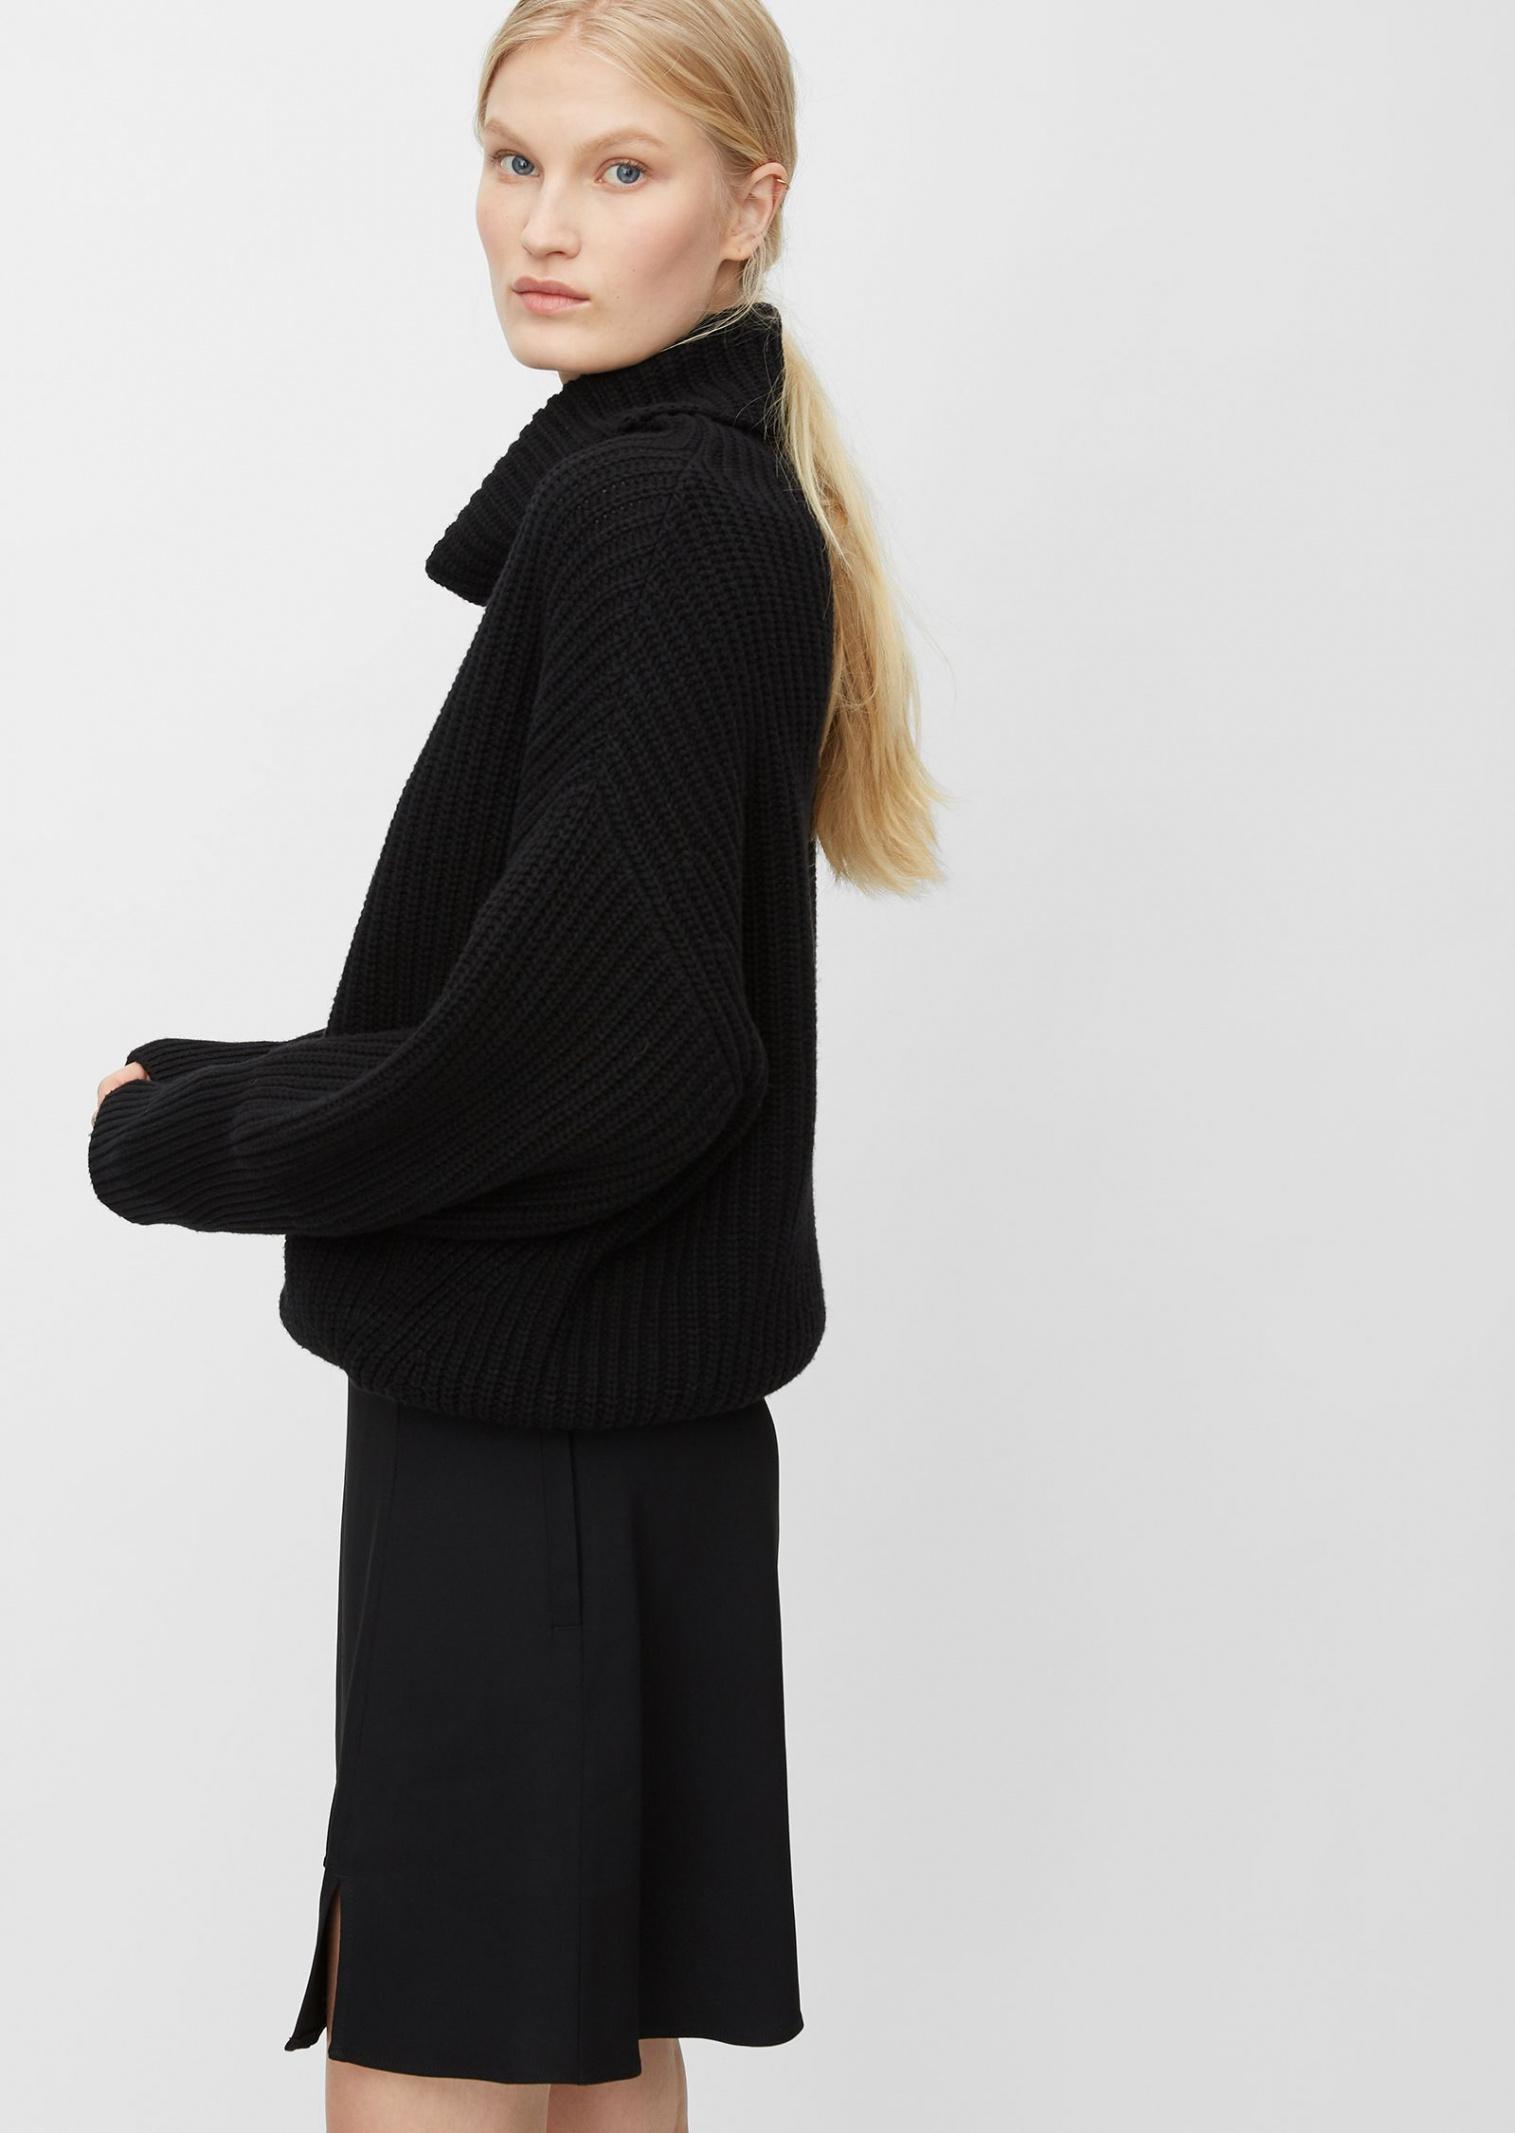 Кофты и свитера женские MARC O'POLO модель PF3898 качество, 2017